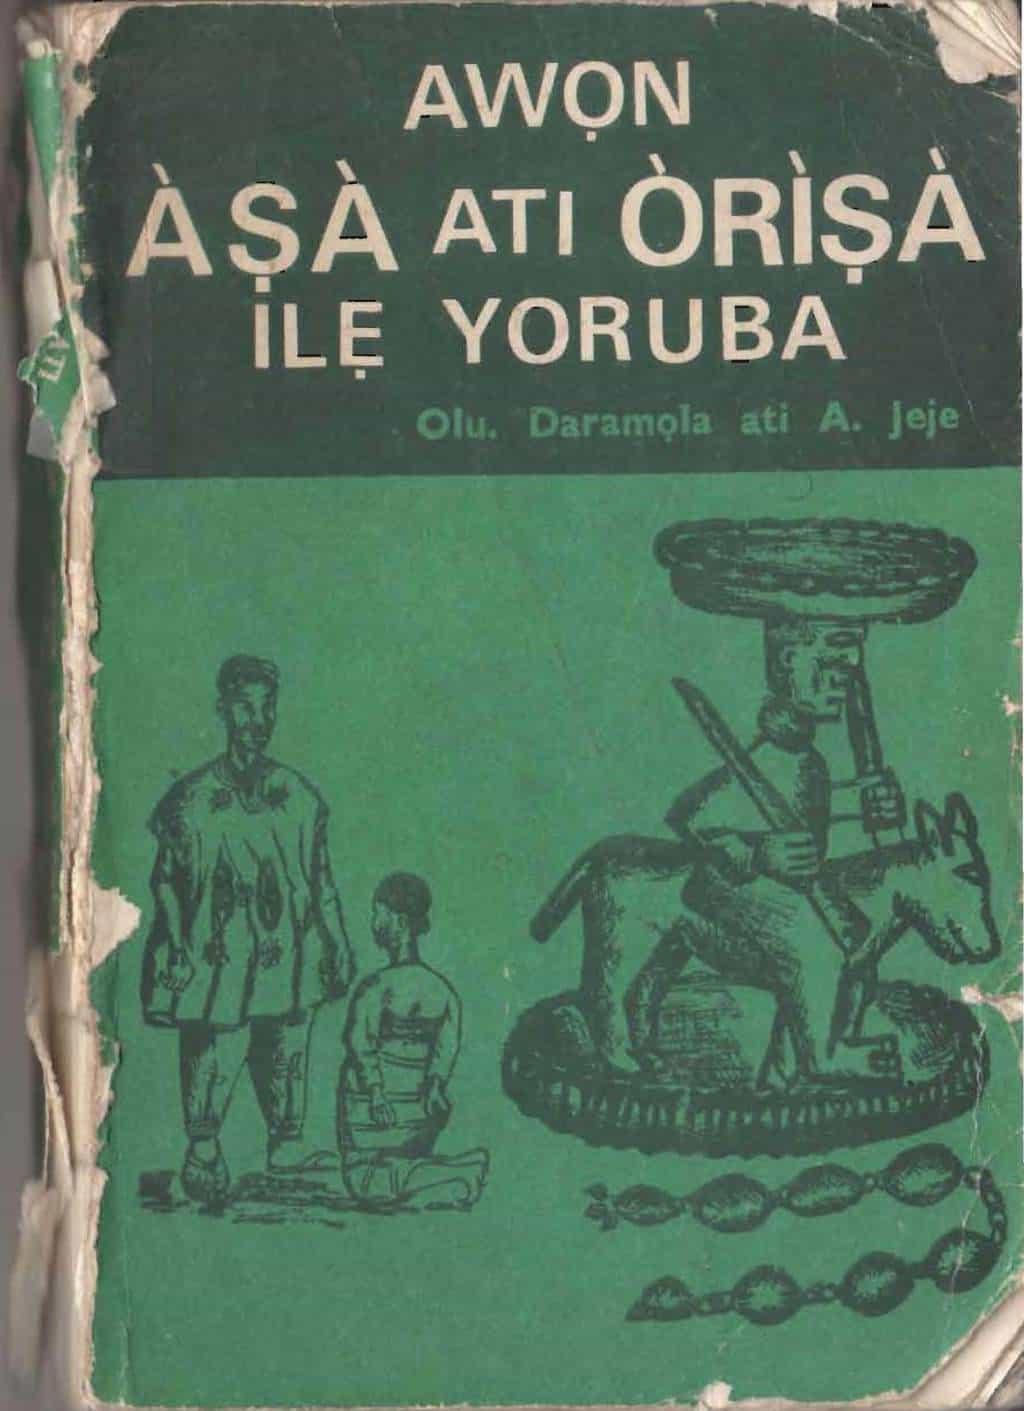 Awon Asa ati Orisa Ile Yoruba: Yoruba Cultural Practices & Orisa